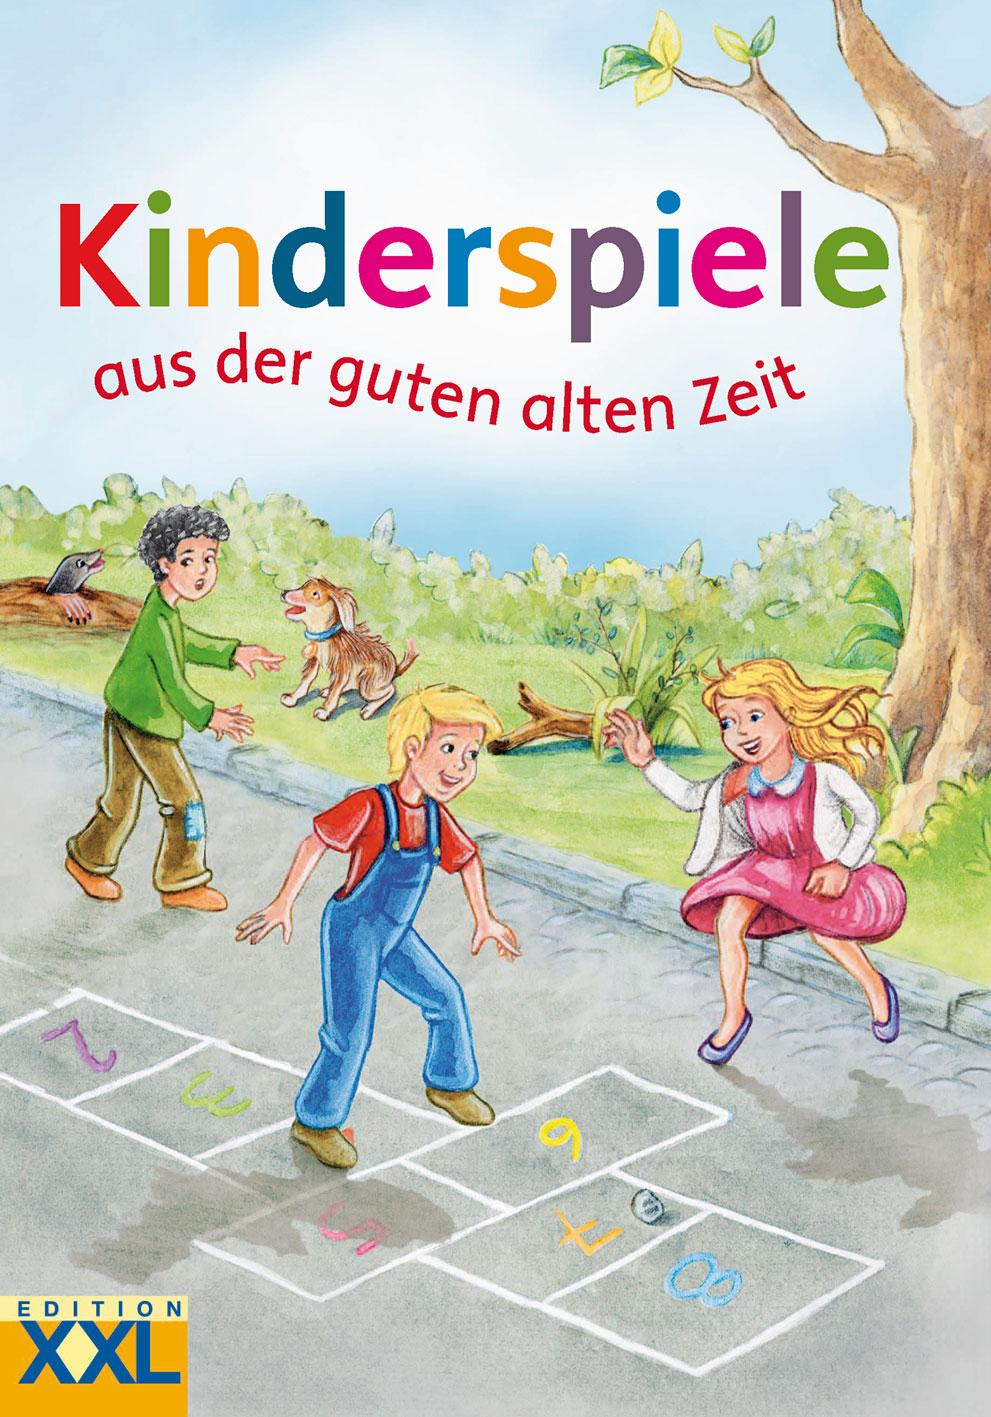 Buch Kinderspiele Aus Der Guten Alten Zeit bei Buch Kinderlieder Aus Der Guten Alten Zeit